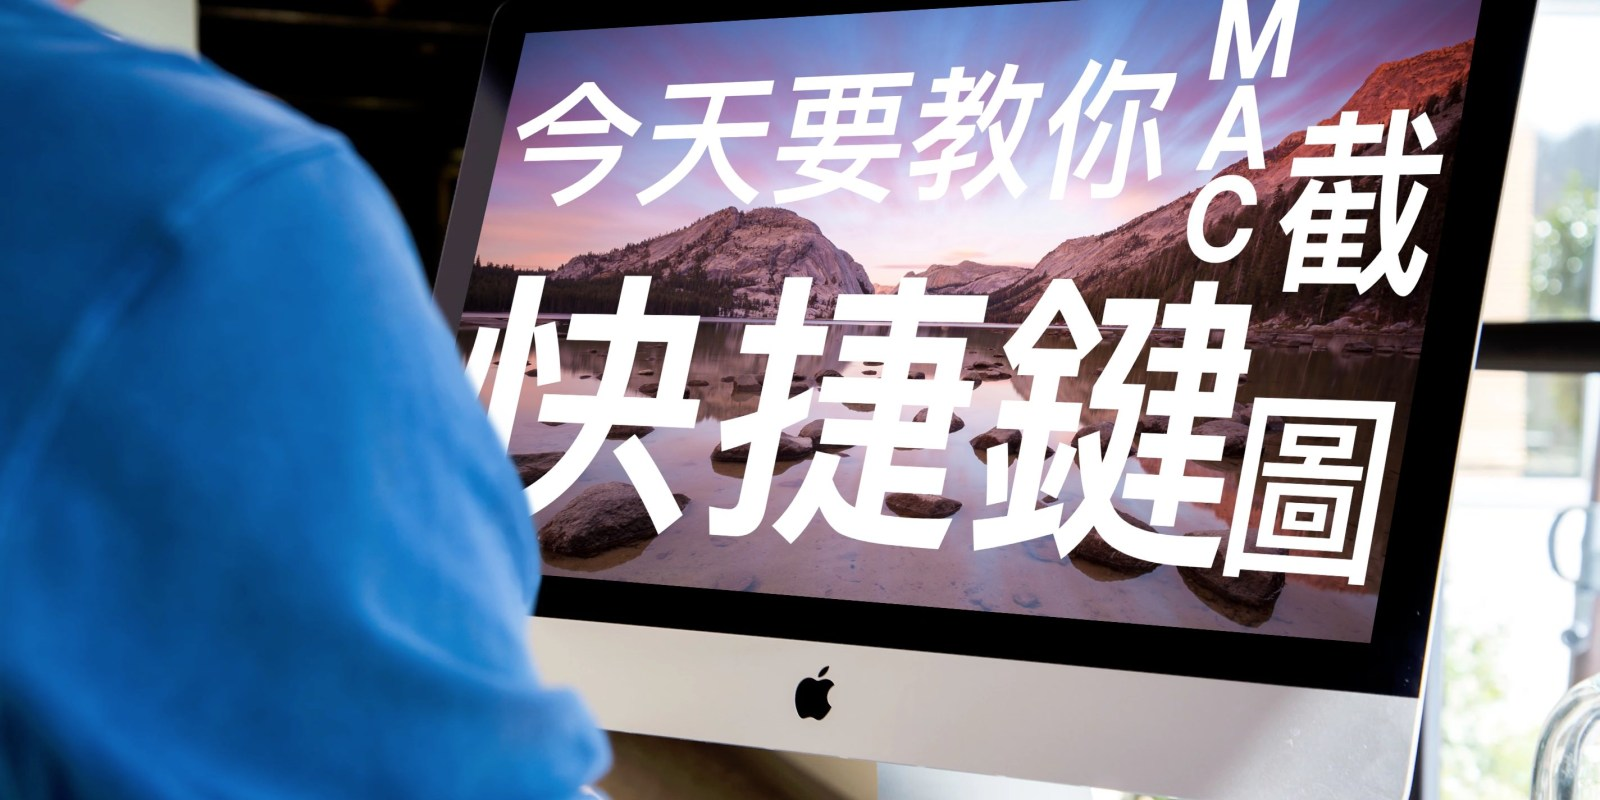 玩 Mac 快捷:螢幕截圖對 Mac 來說根本就是小 Case,多招快捷鍵任君挑選